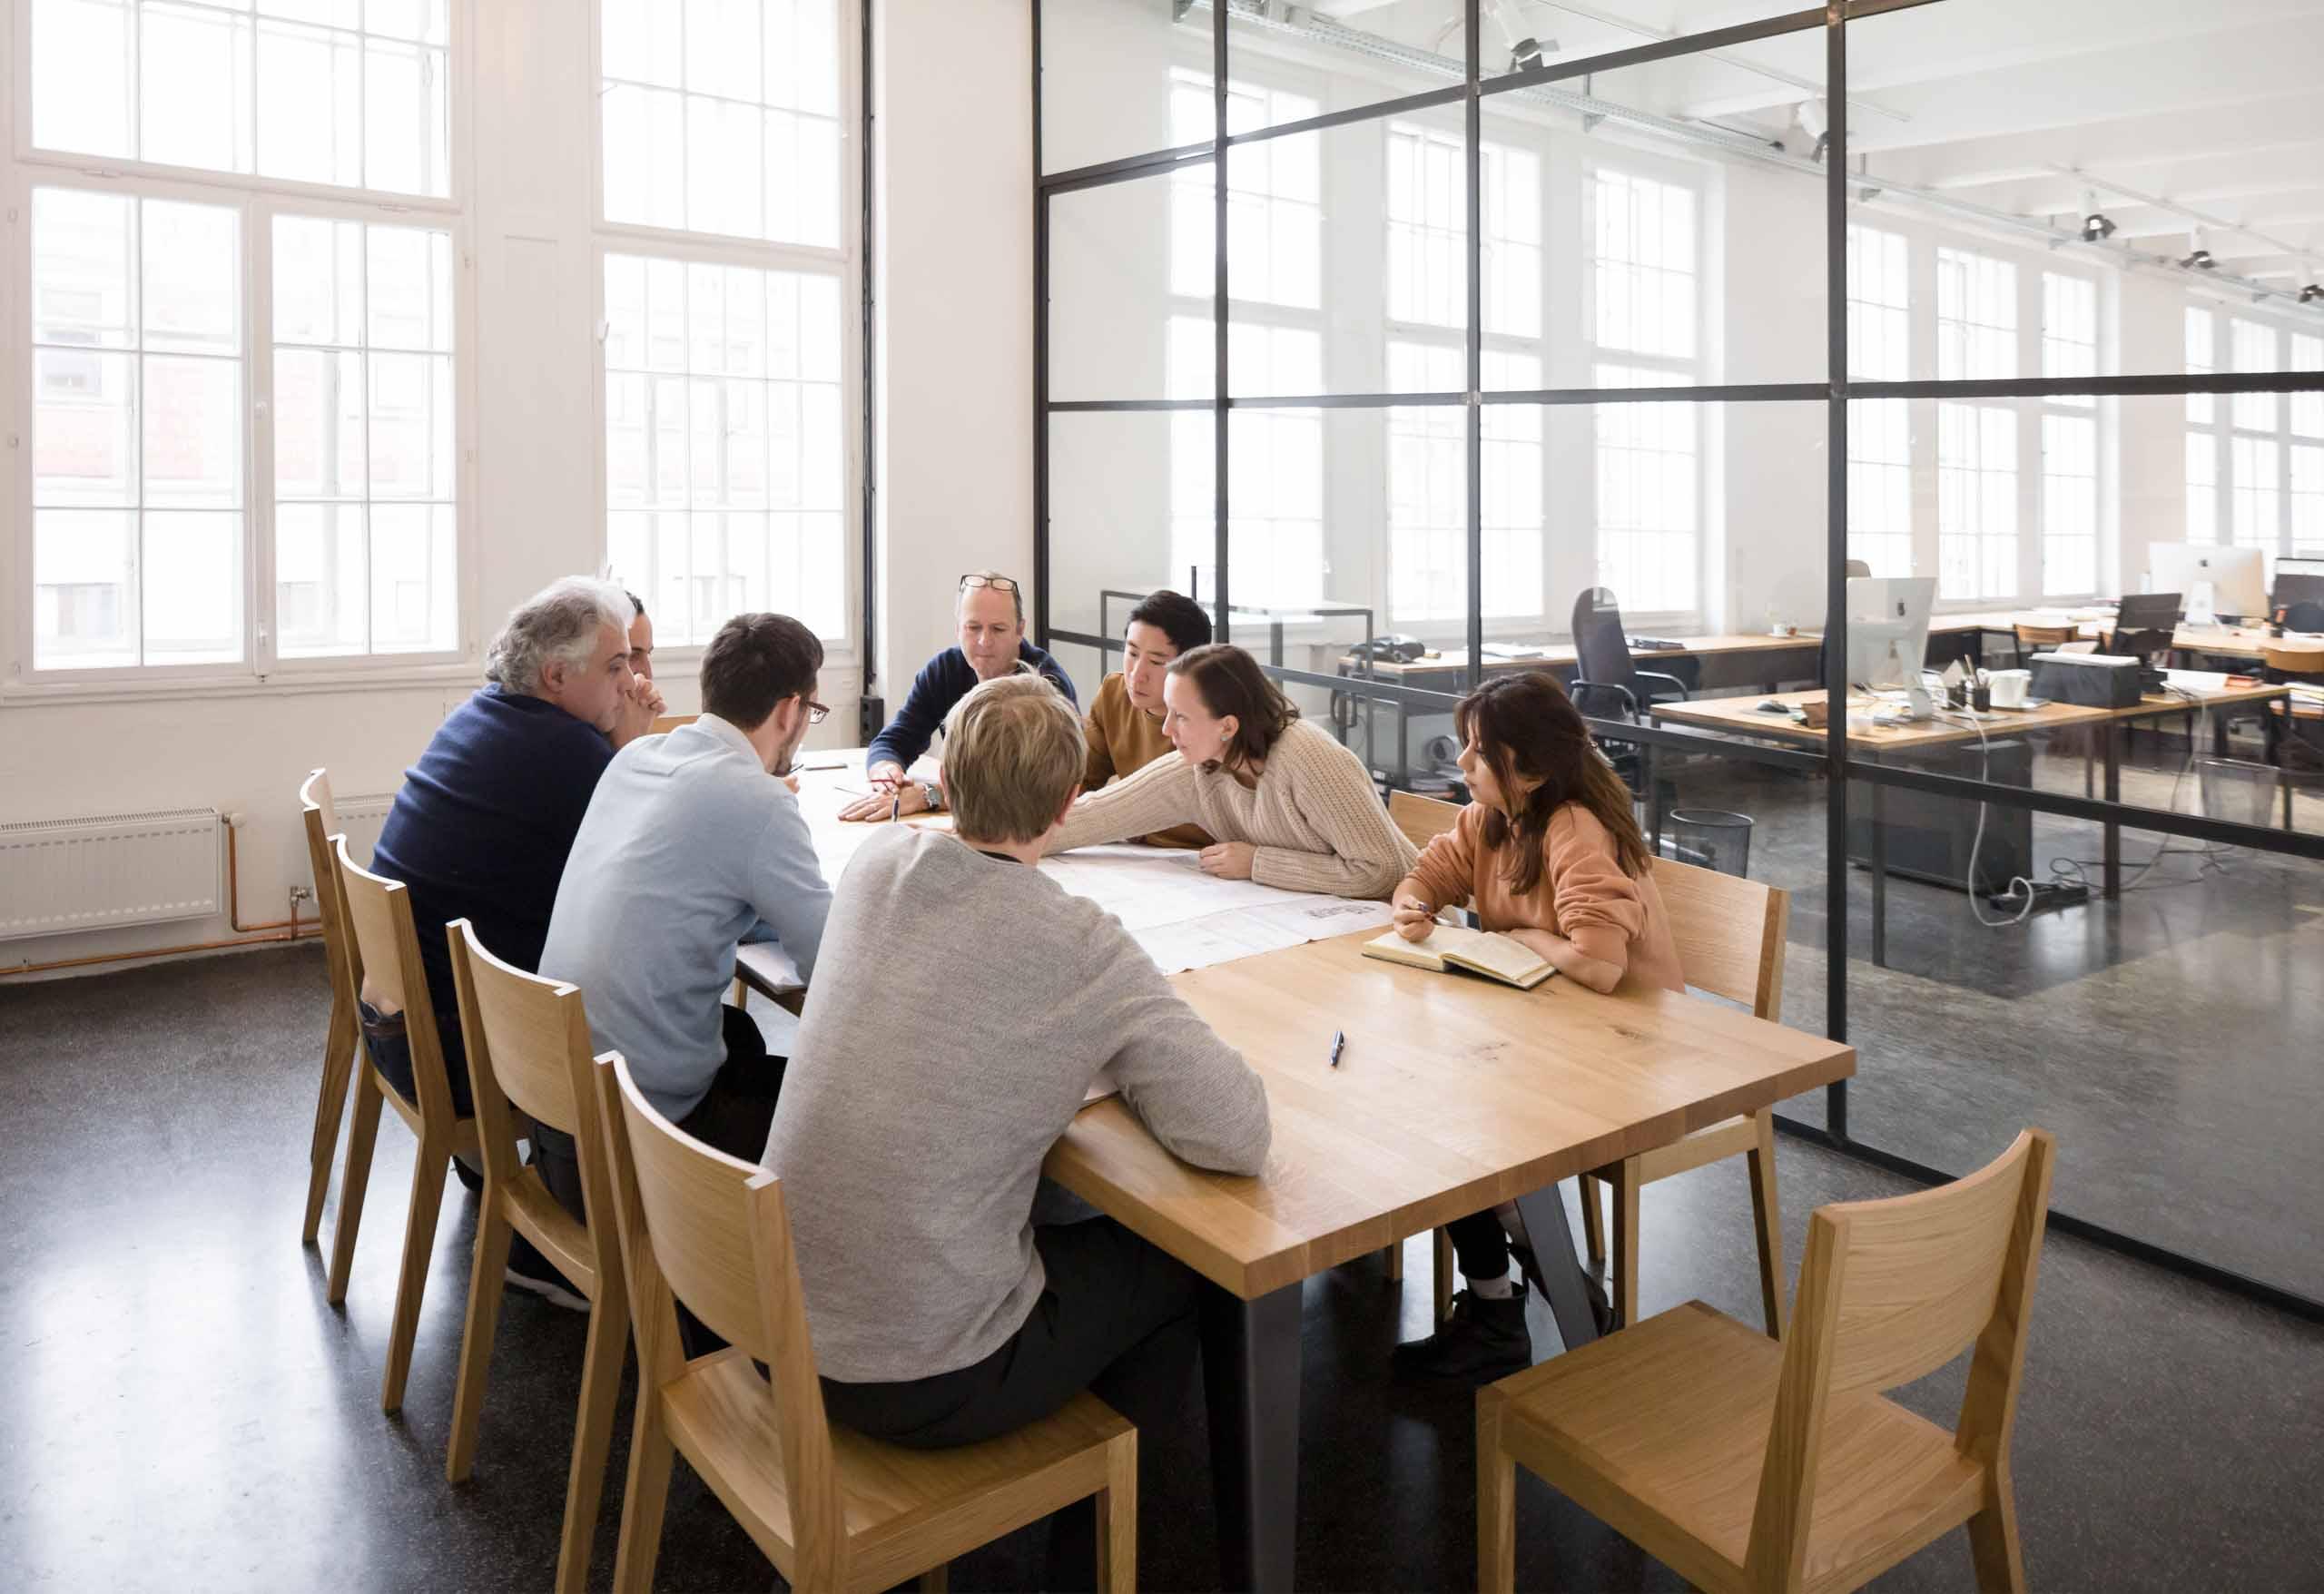 Übersichtsfoto Besprechung an einem großen Tisch in einem Architekturbüro